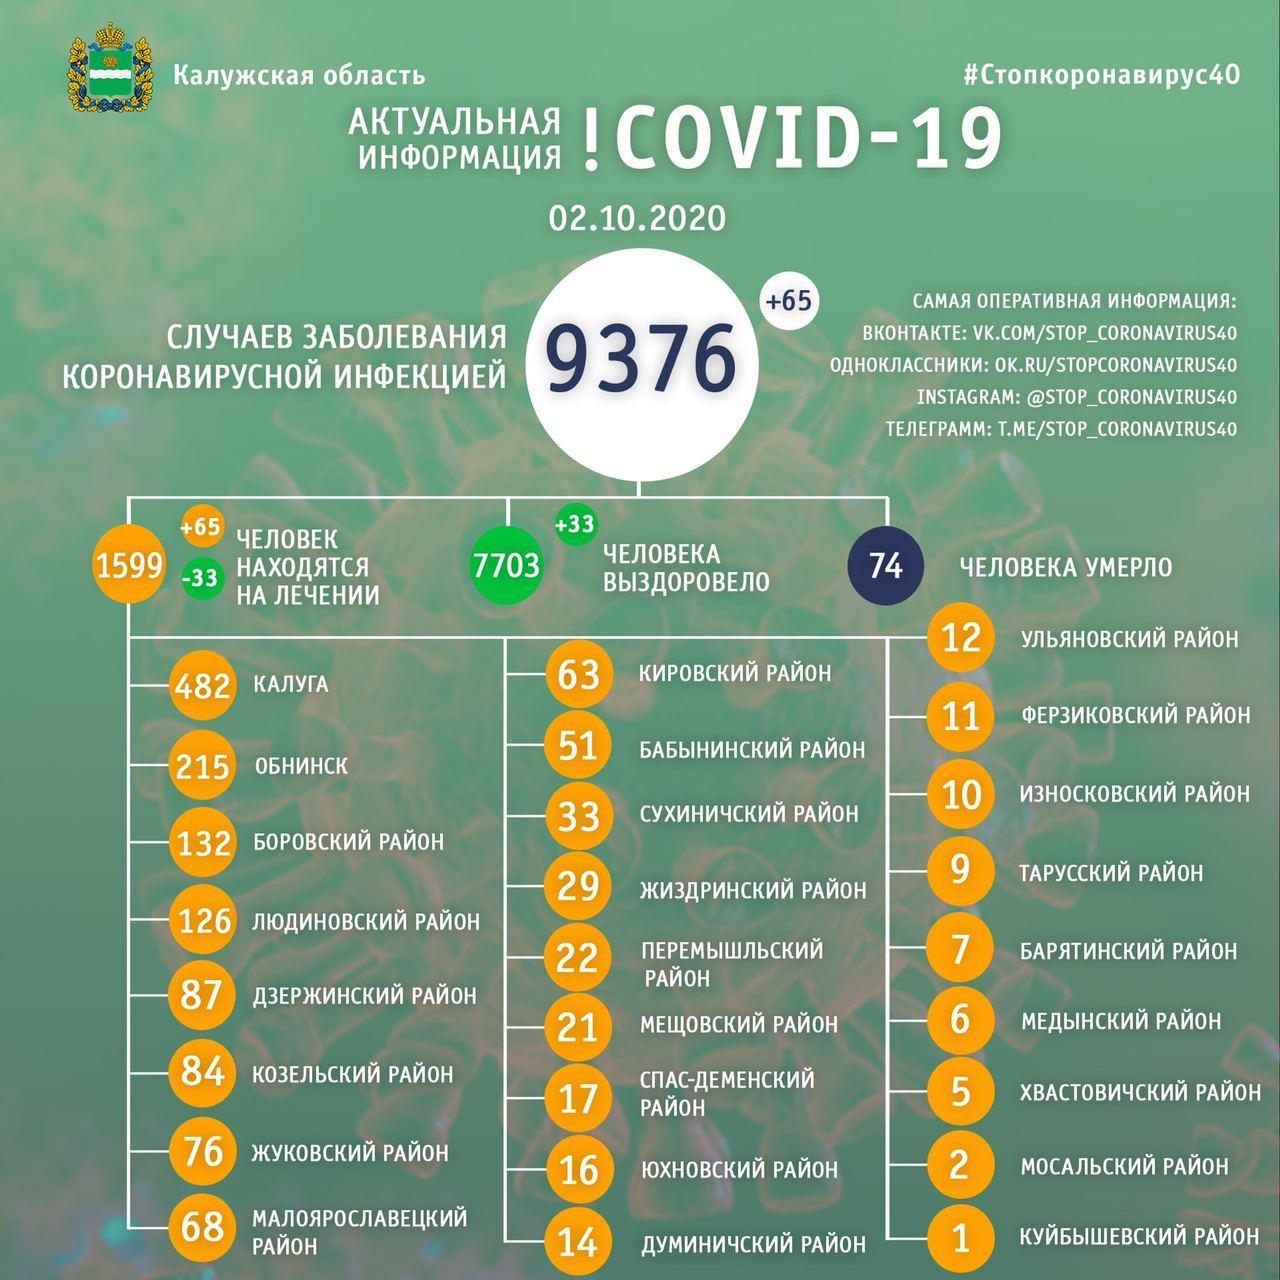 Официальная статистика по коронавирусу в Калужской области на 2 октября 2020 года.